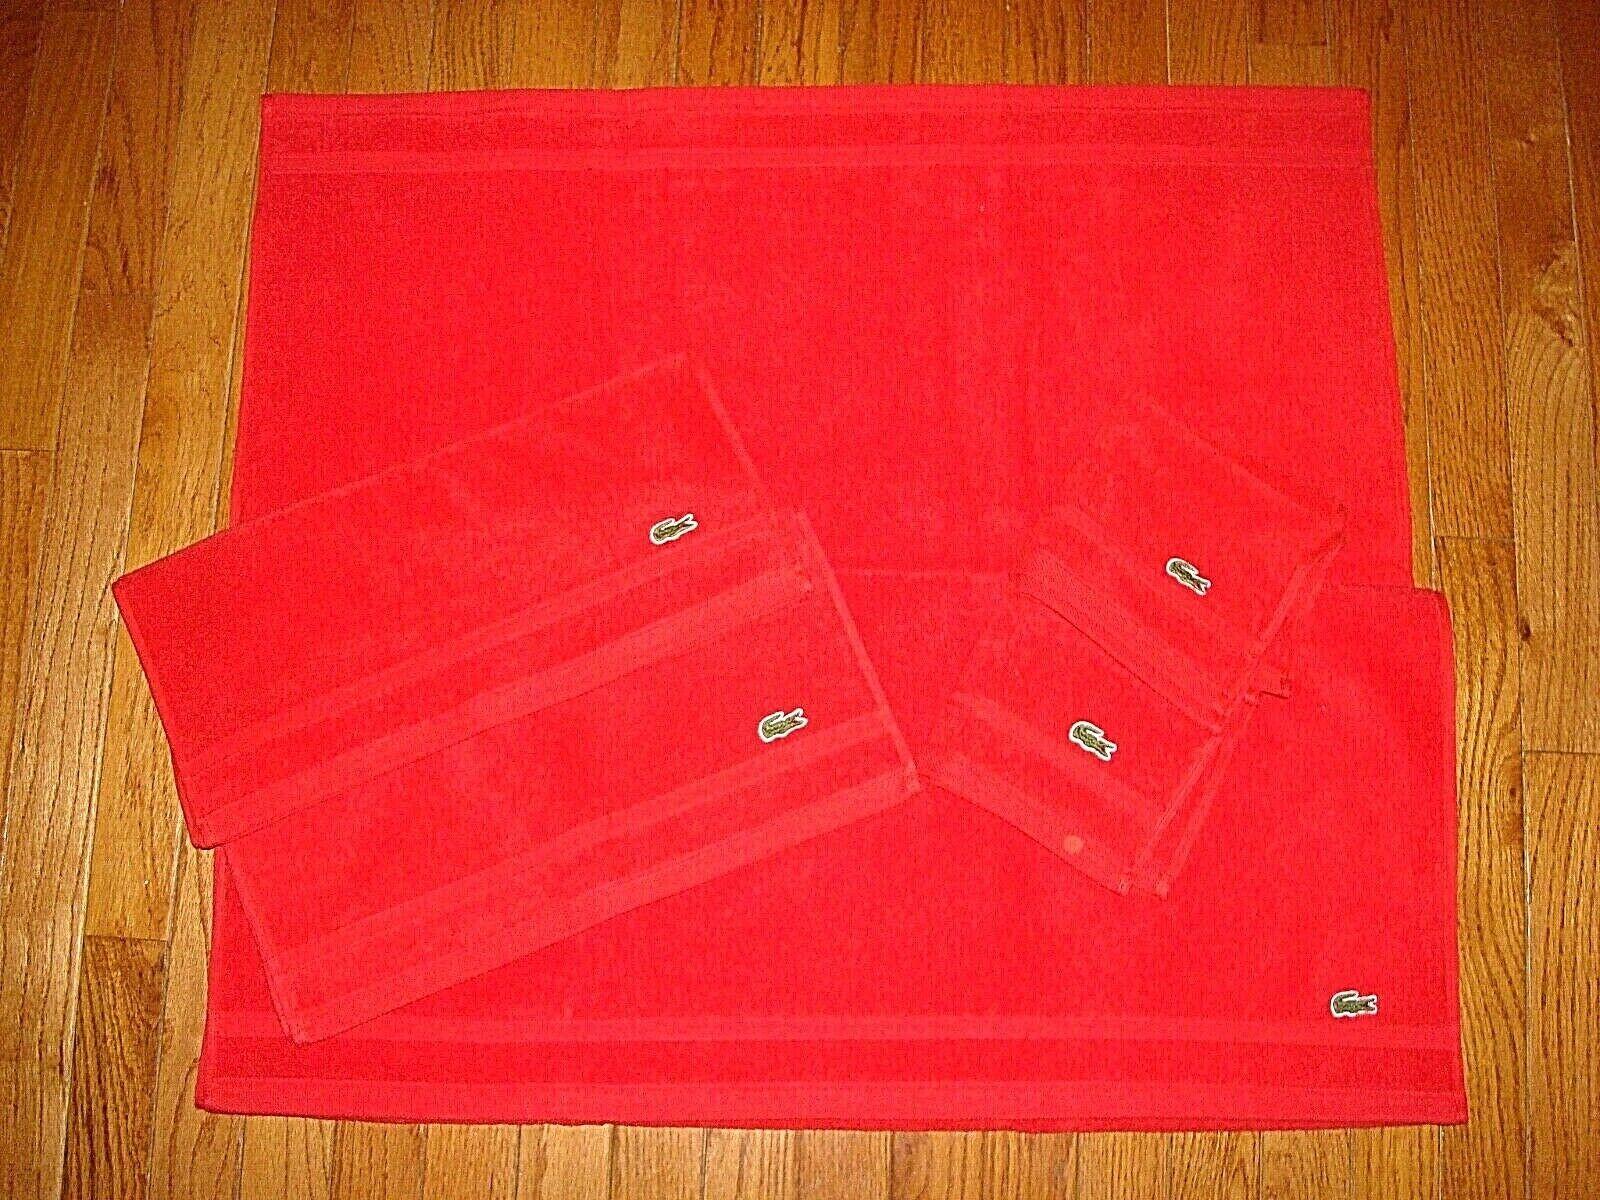 Lacoste rojo 1 Toalla de Baño, 2 Toallas de Mano & 1 Lavado Toalla Juego